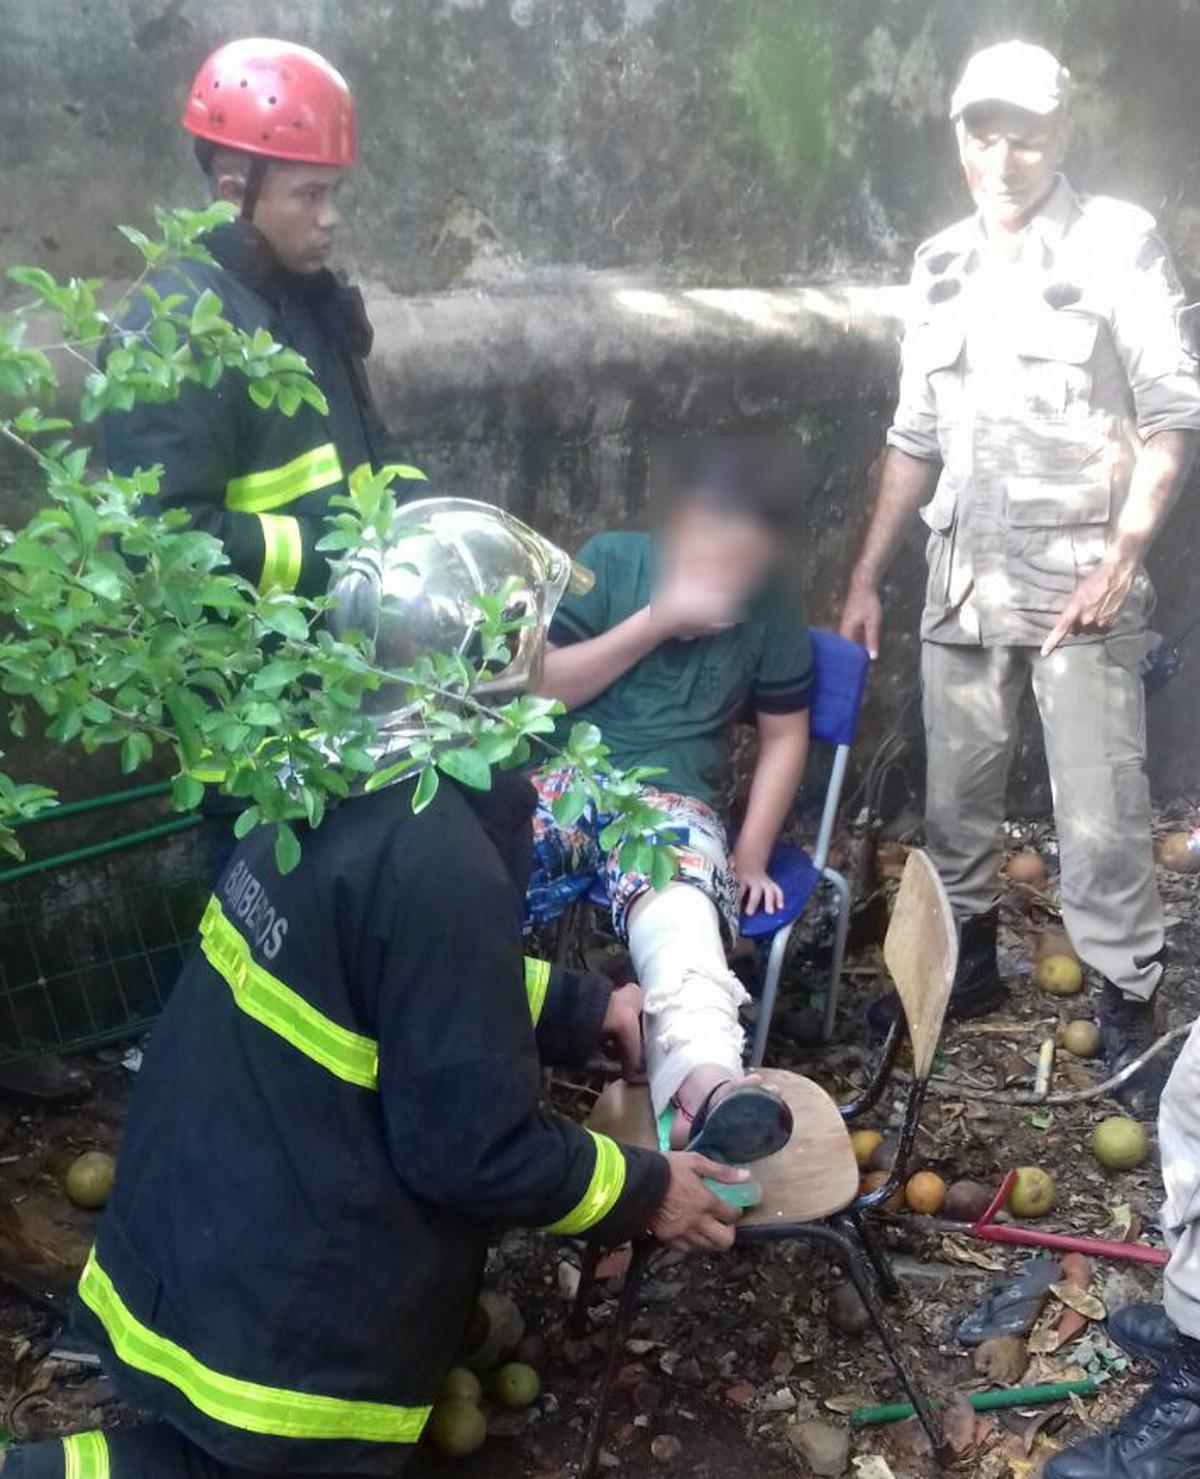 Menino de 13 anos tem o pé empalado por vergalhão após pular muro de escola em MT